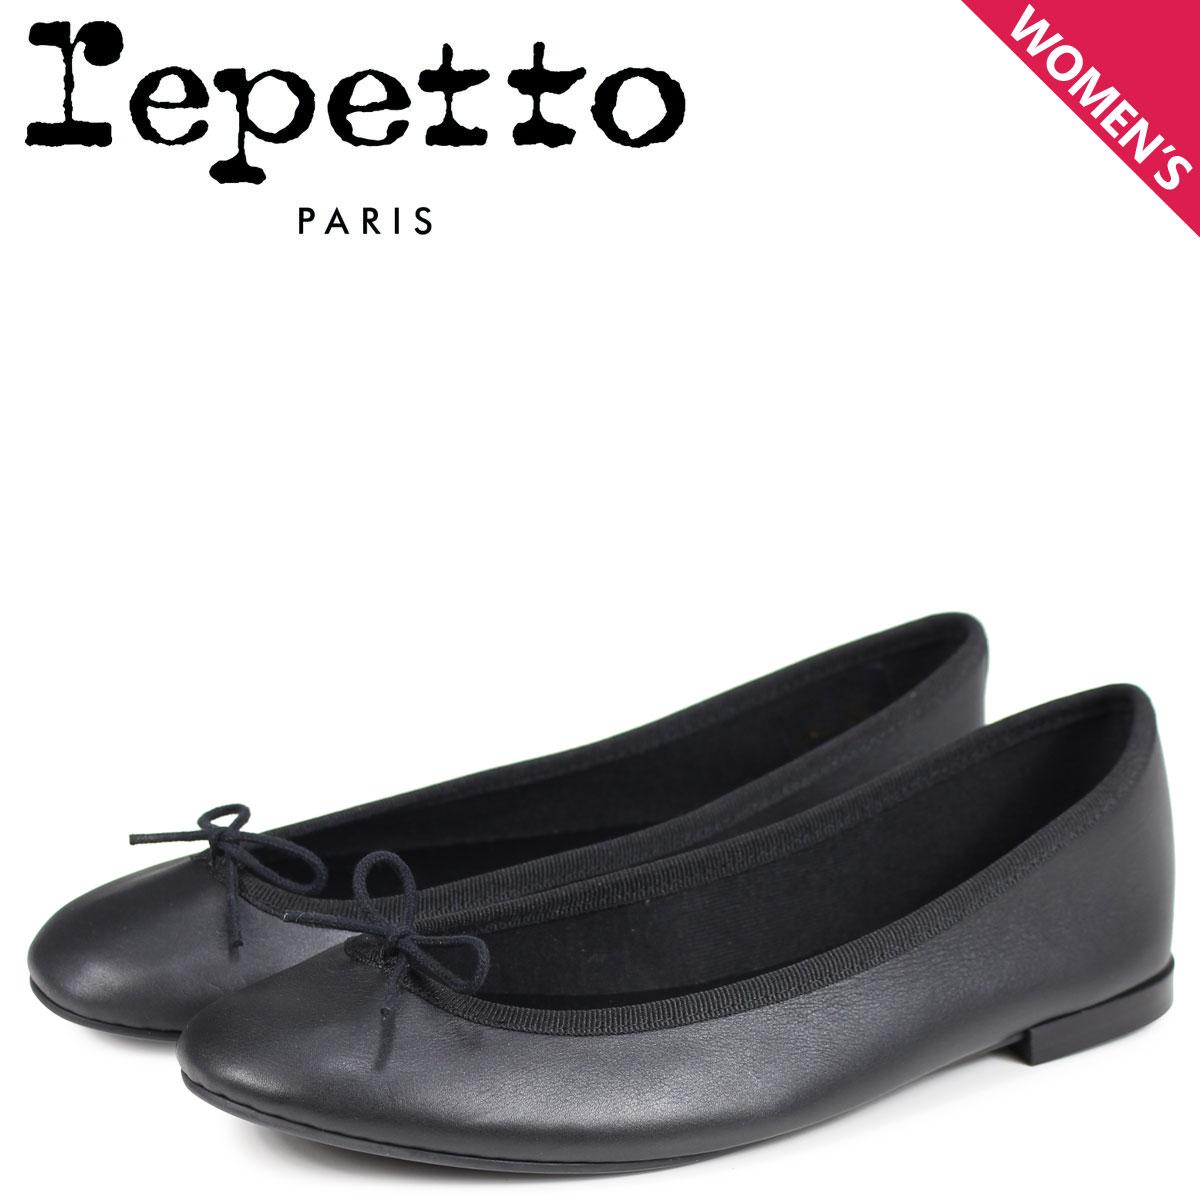 Repetto レペット バレエシューズ リリ パンプス レディース LILI BALLERINA ブラック V1790-410